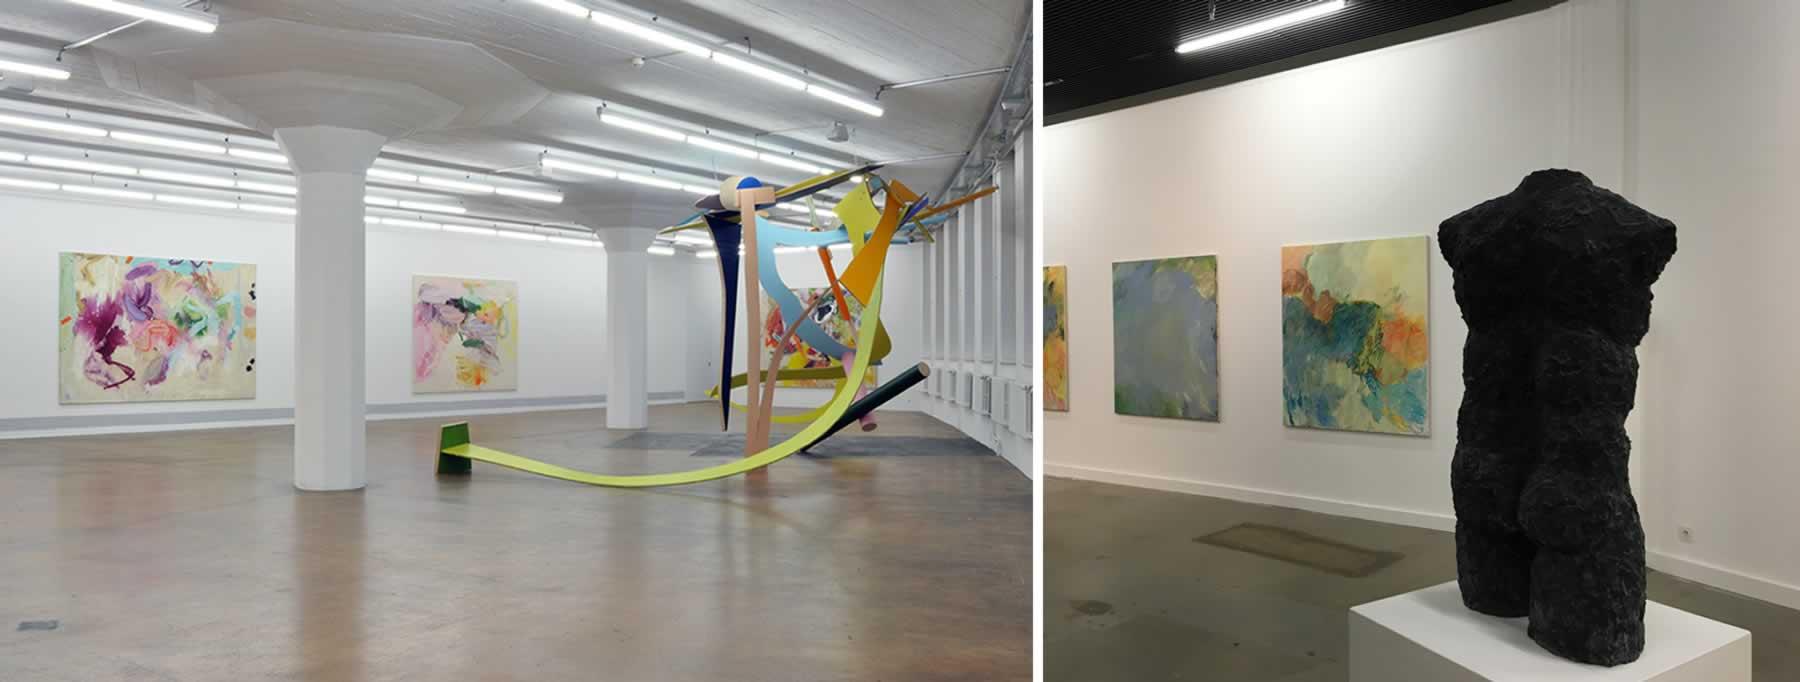 Von der GGL geförderte Kunstausstellungen